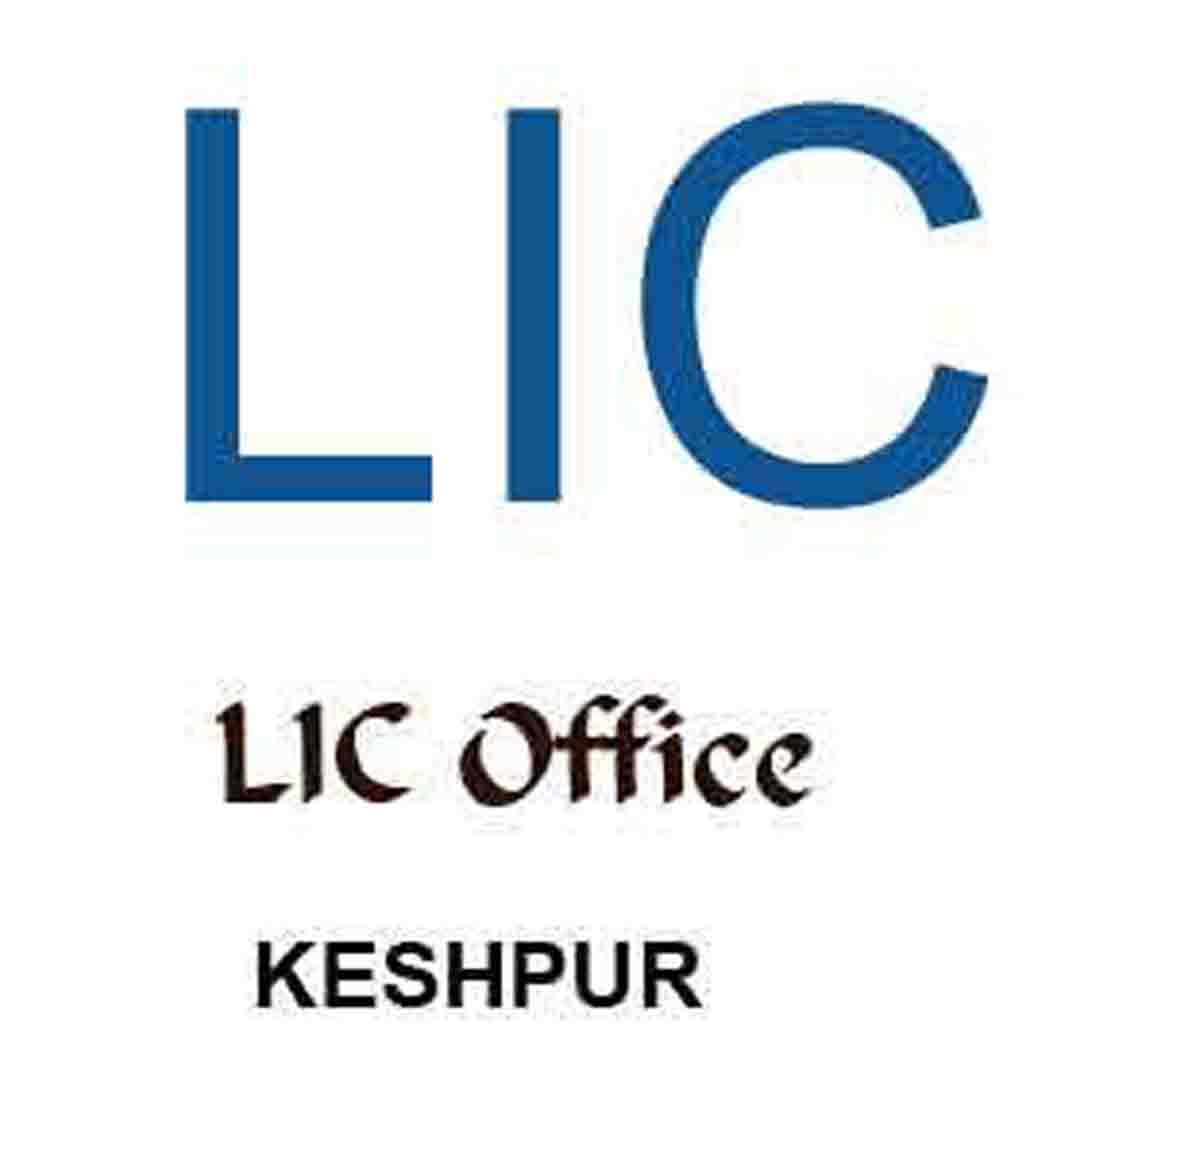 lic office keshpur